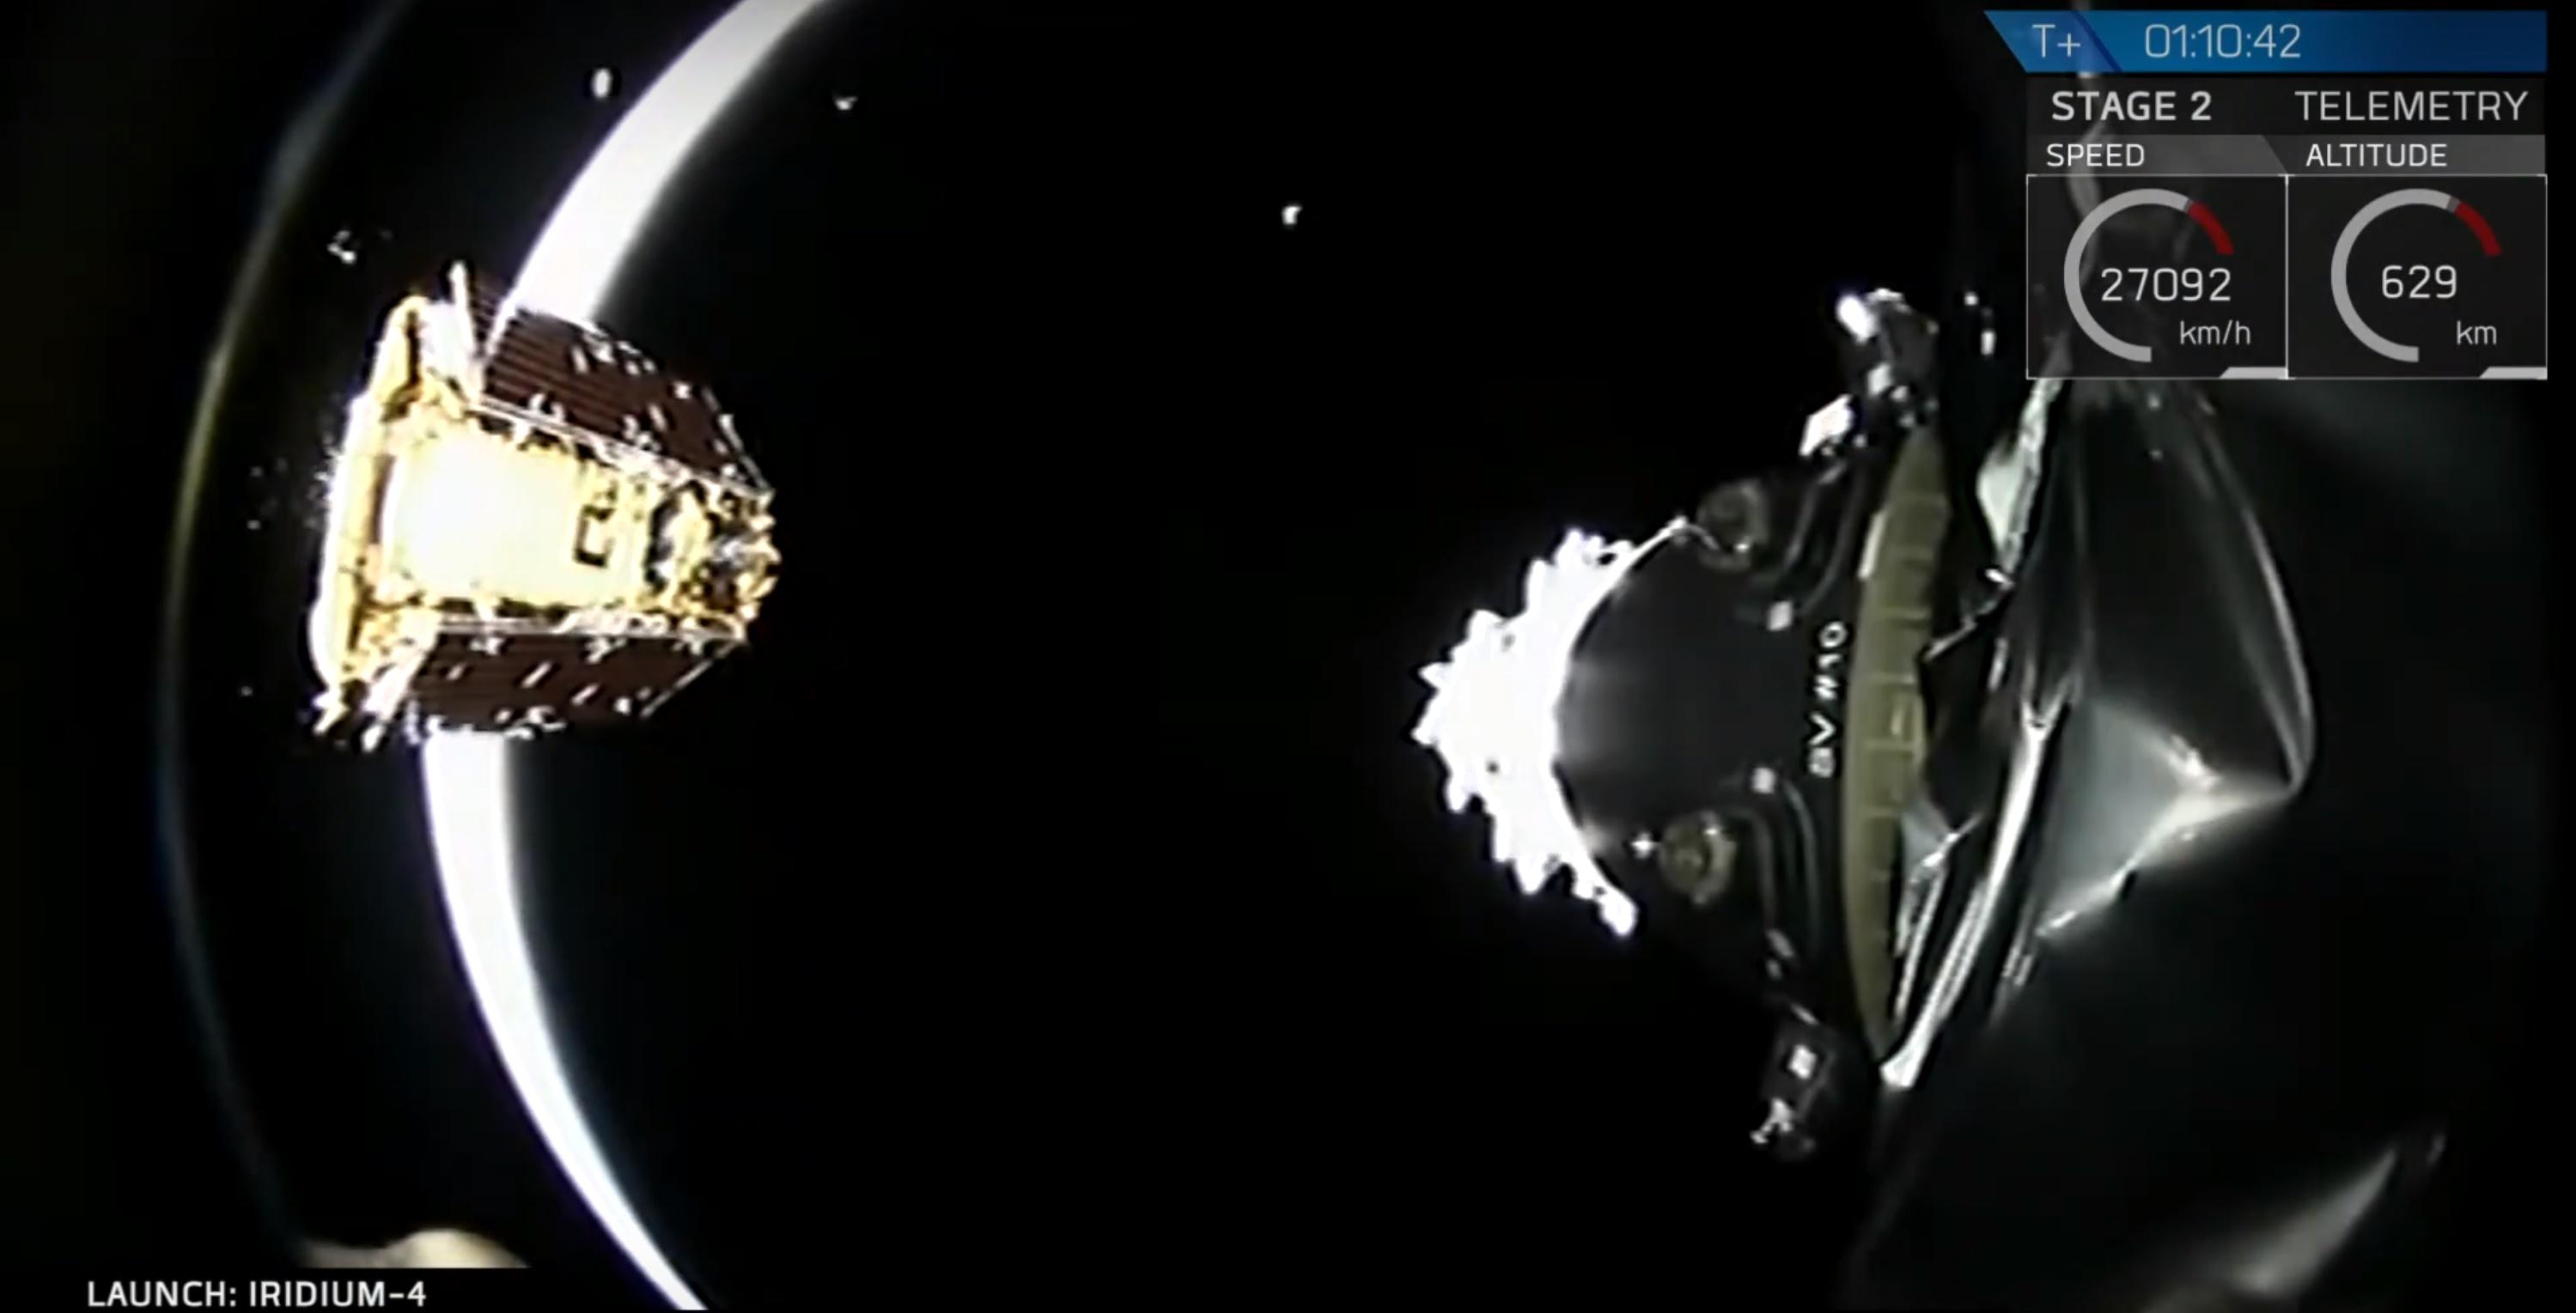 Iridium4 deployment eclipse (SpaceX)